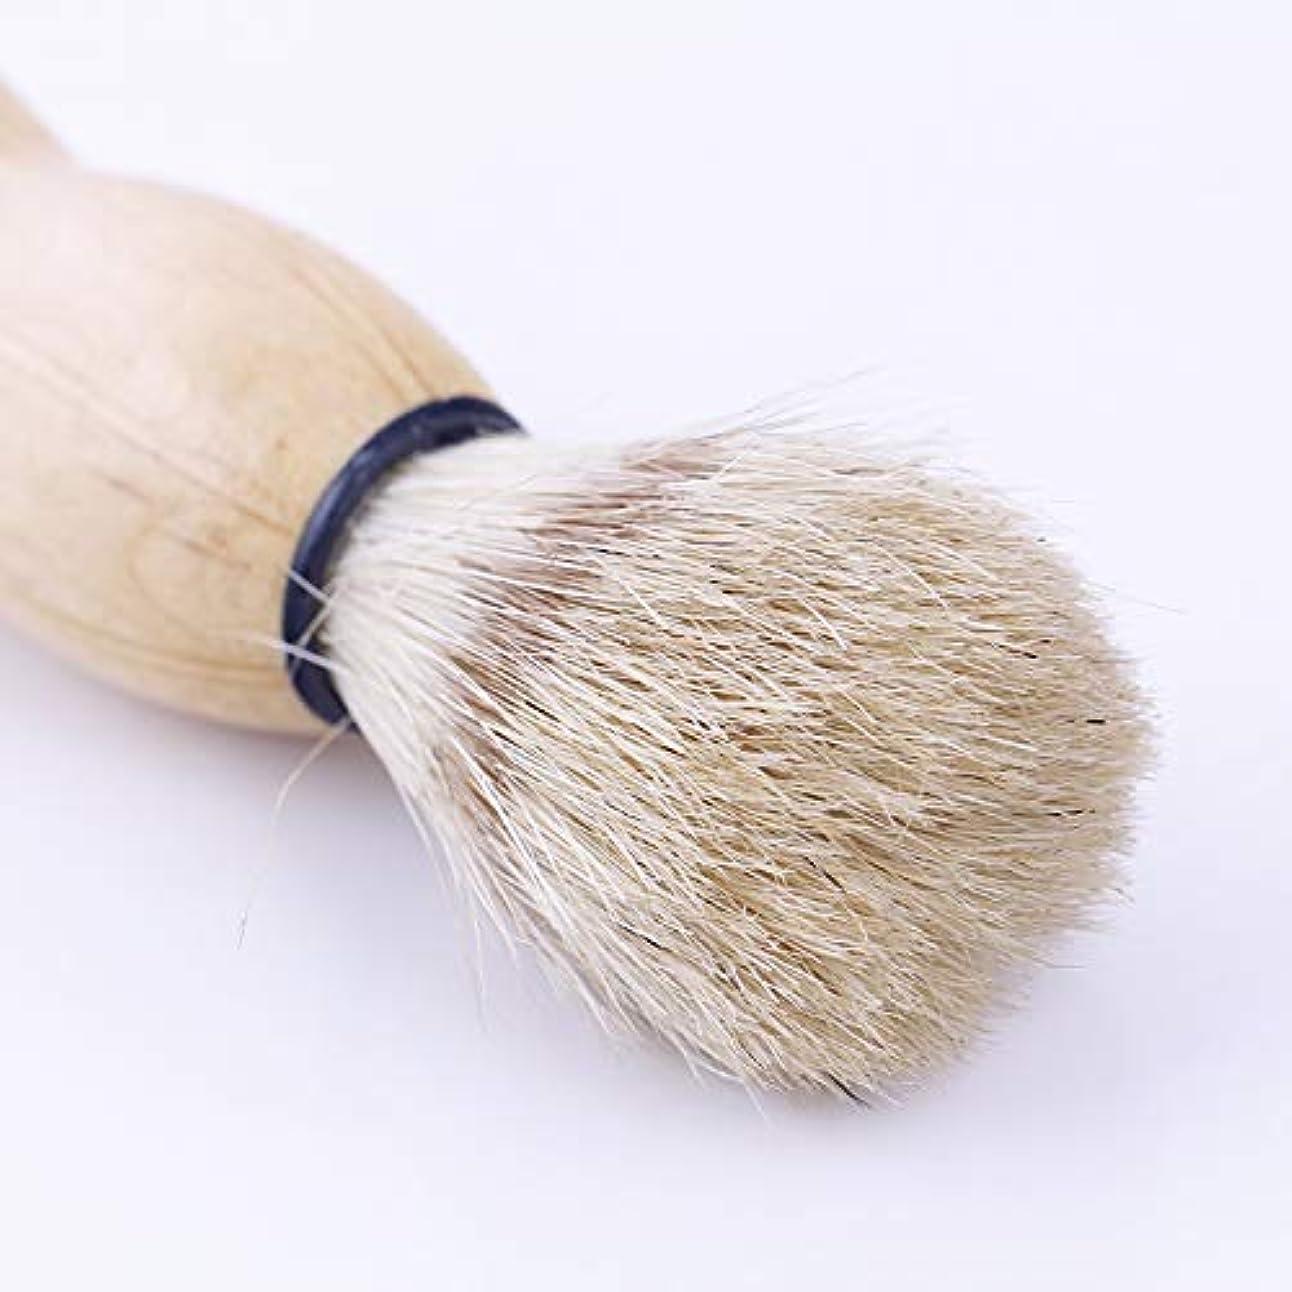 完了意見援助するSMTHOME シェービング用ブラシ メンズ 100% ウール毛 理容 洗顔 髭剃り 泡立ち